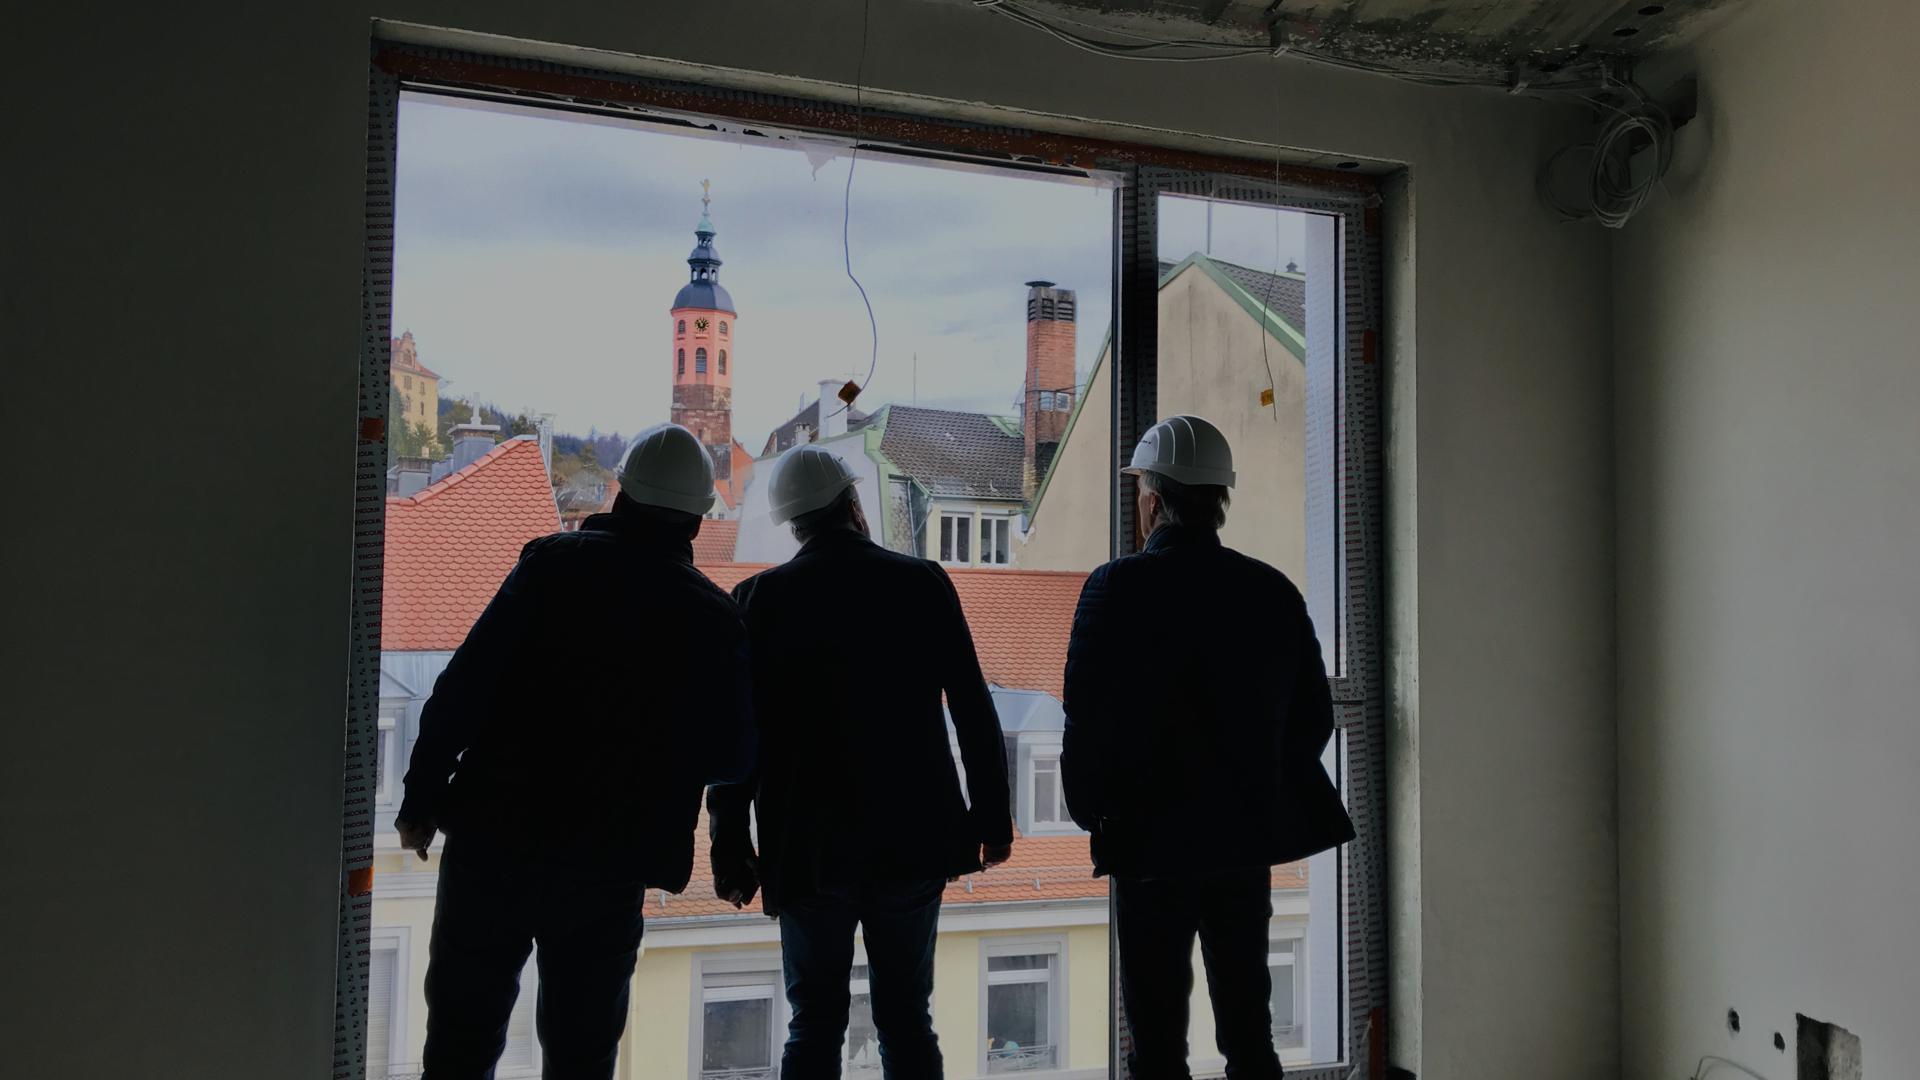 Imposanter Ausblick aus einem künftigen Hotelzimmer im Neubau Luisenflügel des Europäischen Hofs in Baden-Baden. Derzeit ruhen jedoch die Bauarbeiten, weil ein neuer Investor gesucht wird.